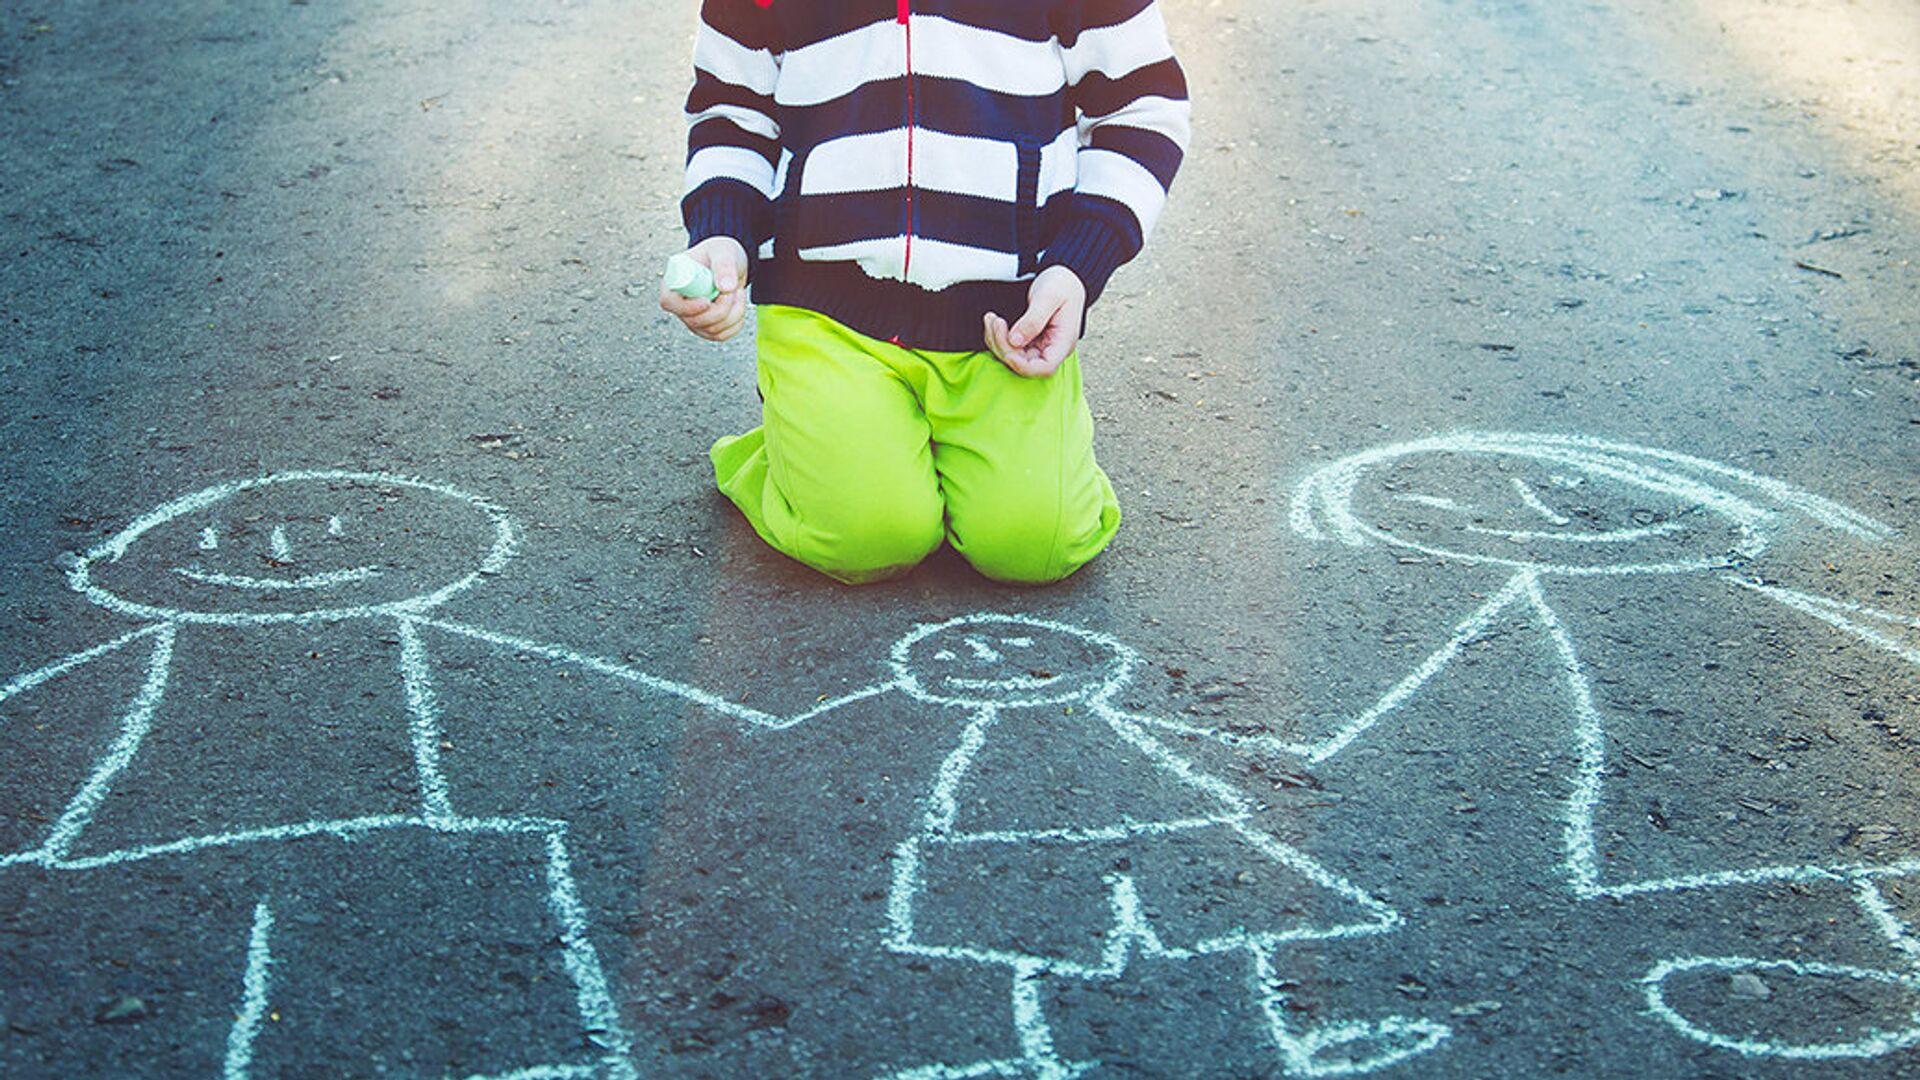 Ребенок рисует на асфальте мелом - РИА Новости, 1920, 25.05.2021